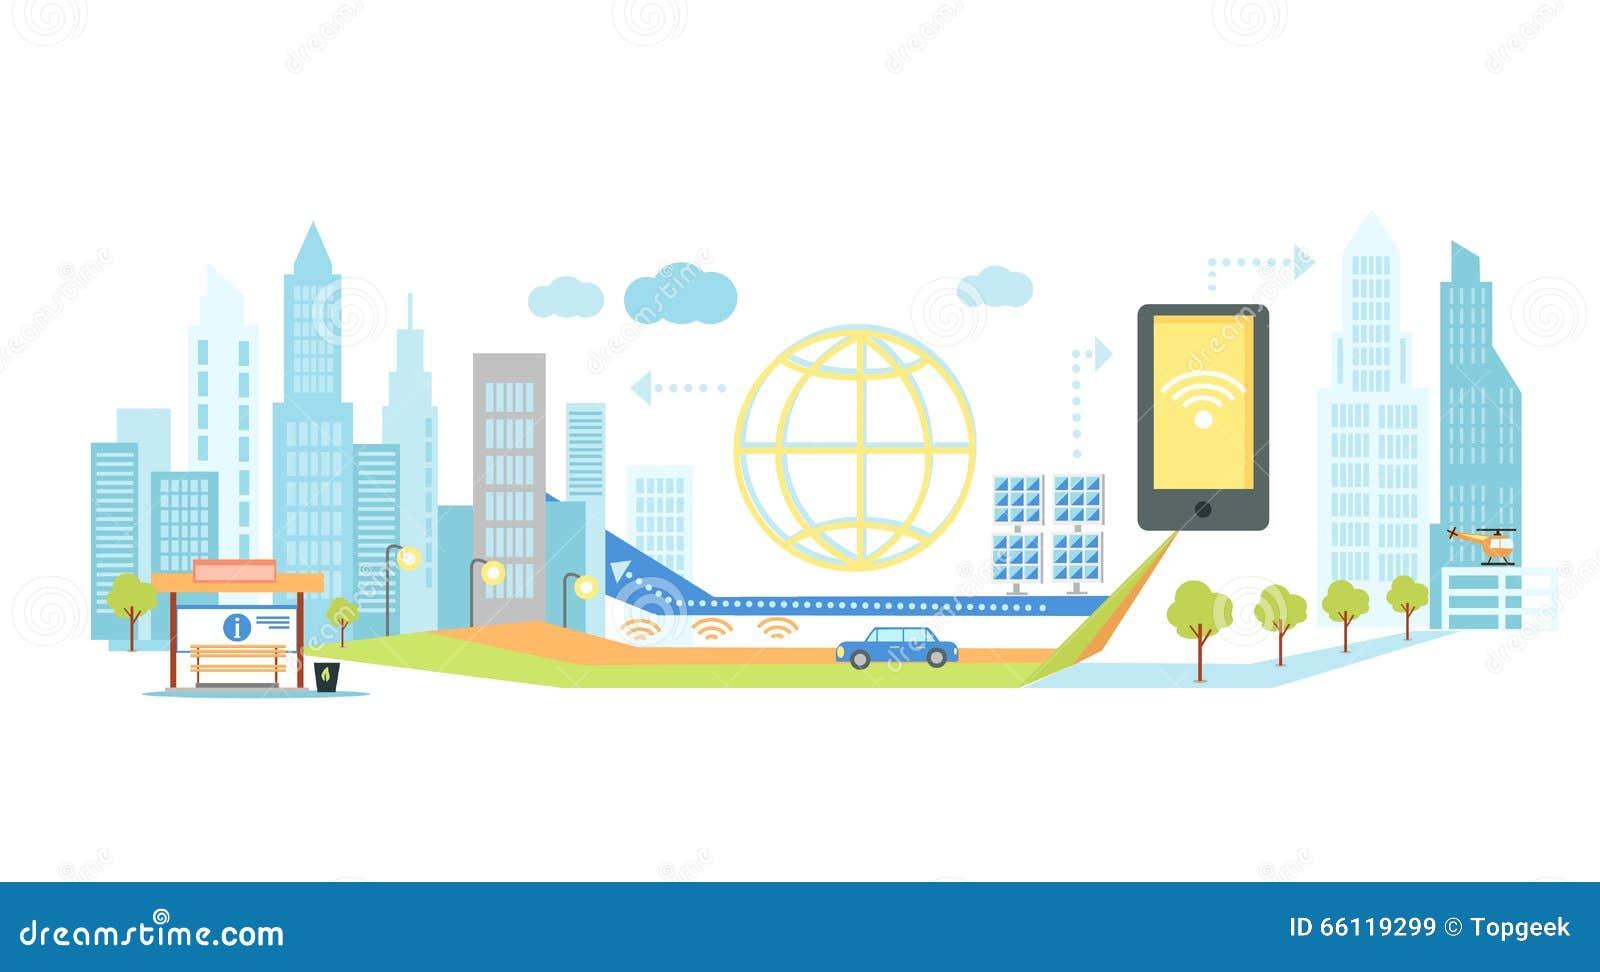 Intelligente Technologie in der Infrastruktur der Stadt